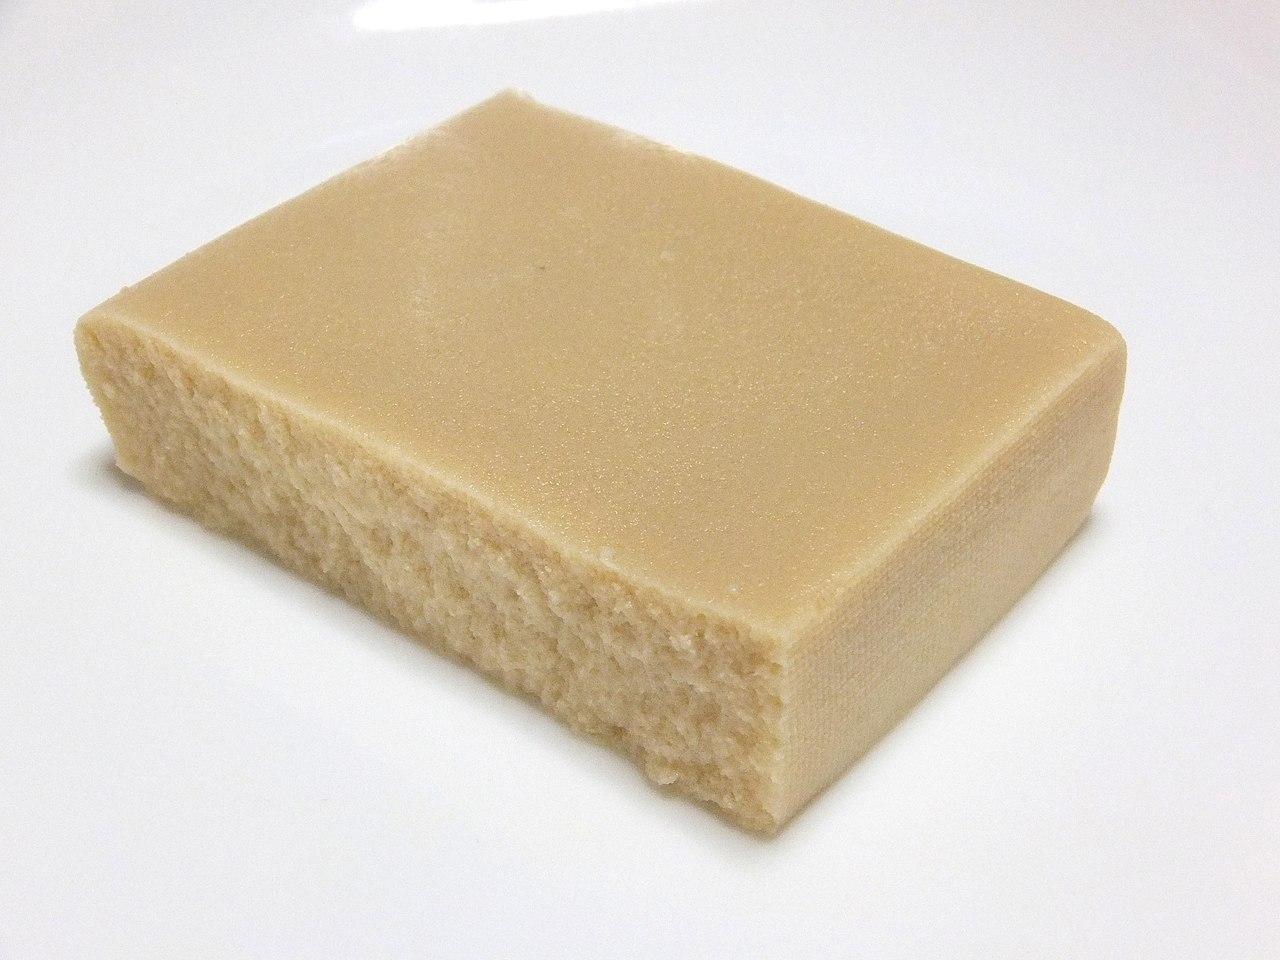 التوفو المجفف المثلج (Koya-dofu) | عبر ويكيميديا